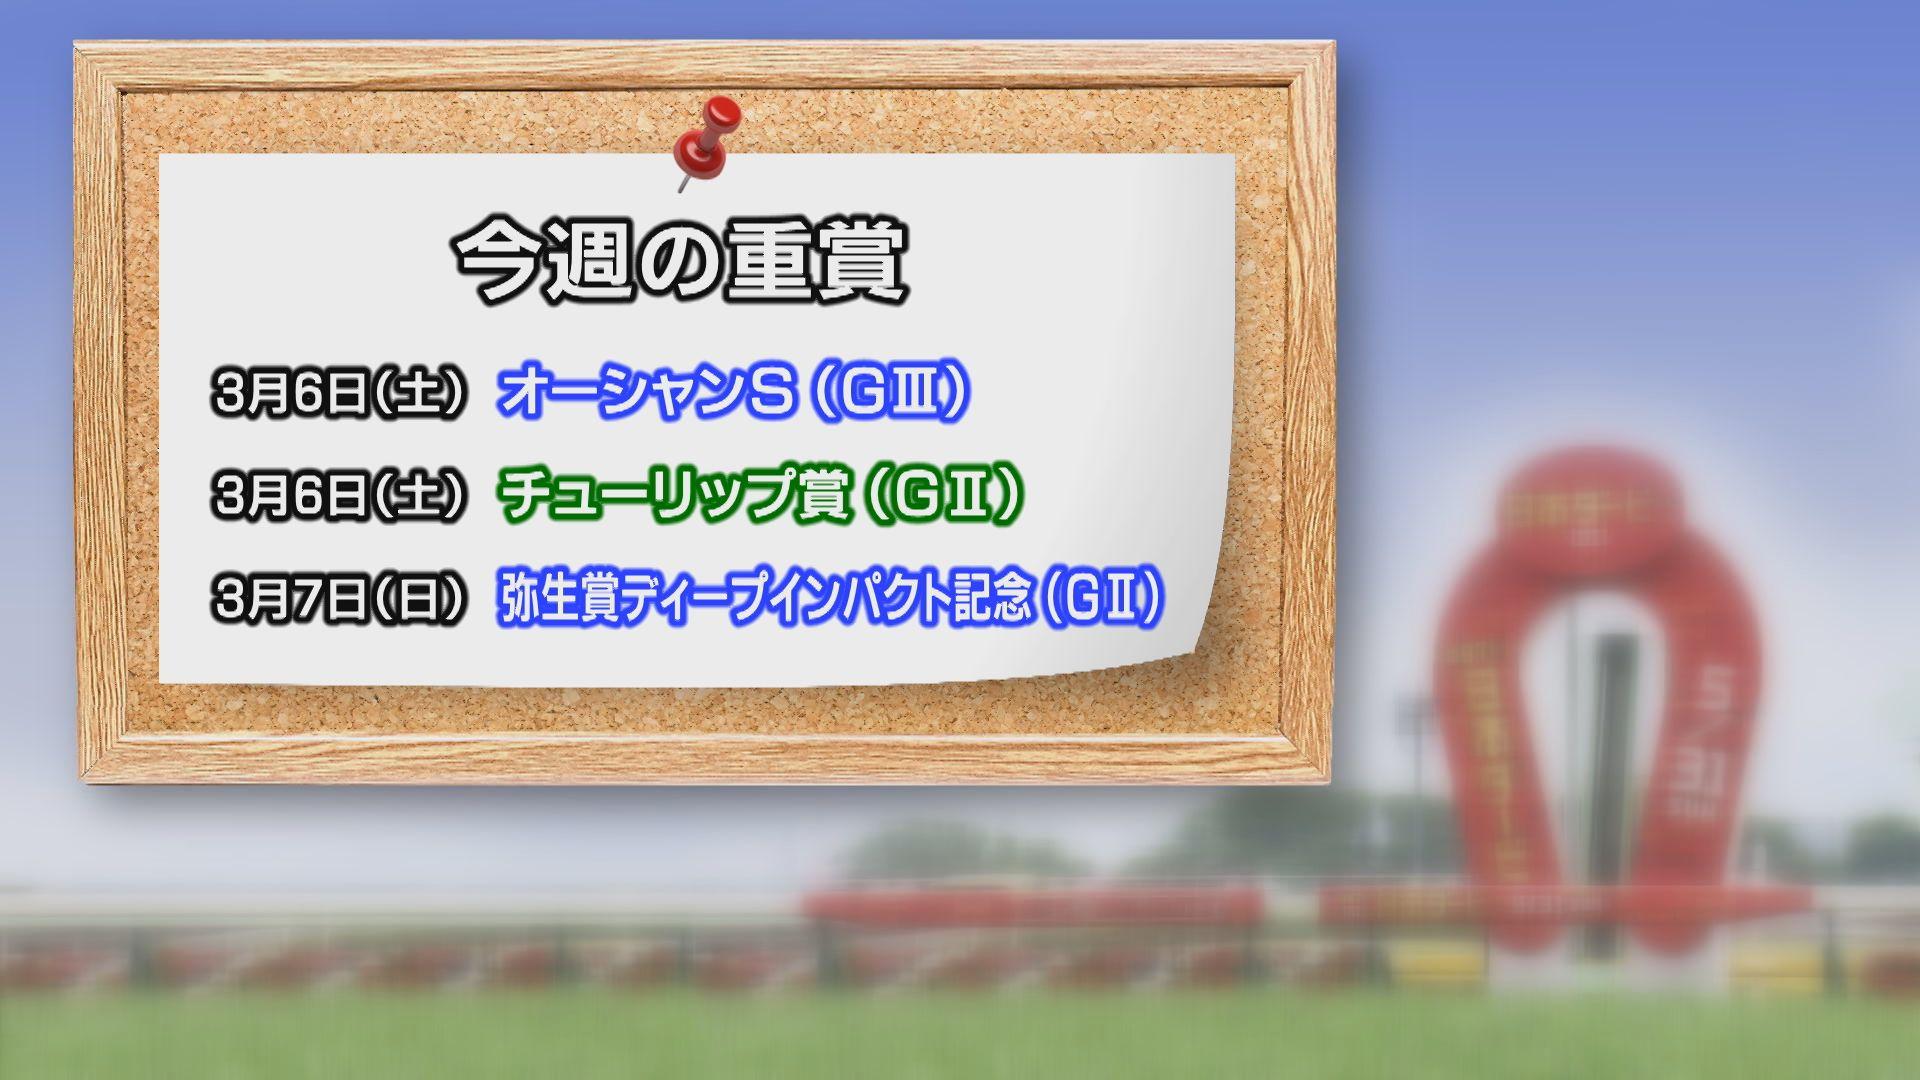 【今週の重賞インフォメーション】弥生賞ディープインパクト記念他 3/6(土)・7(日)